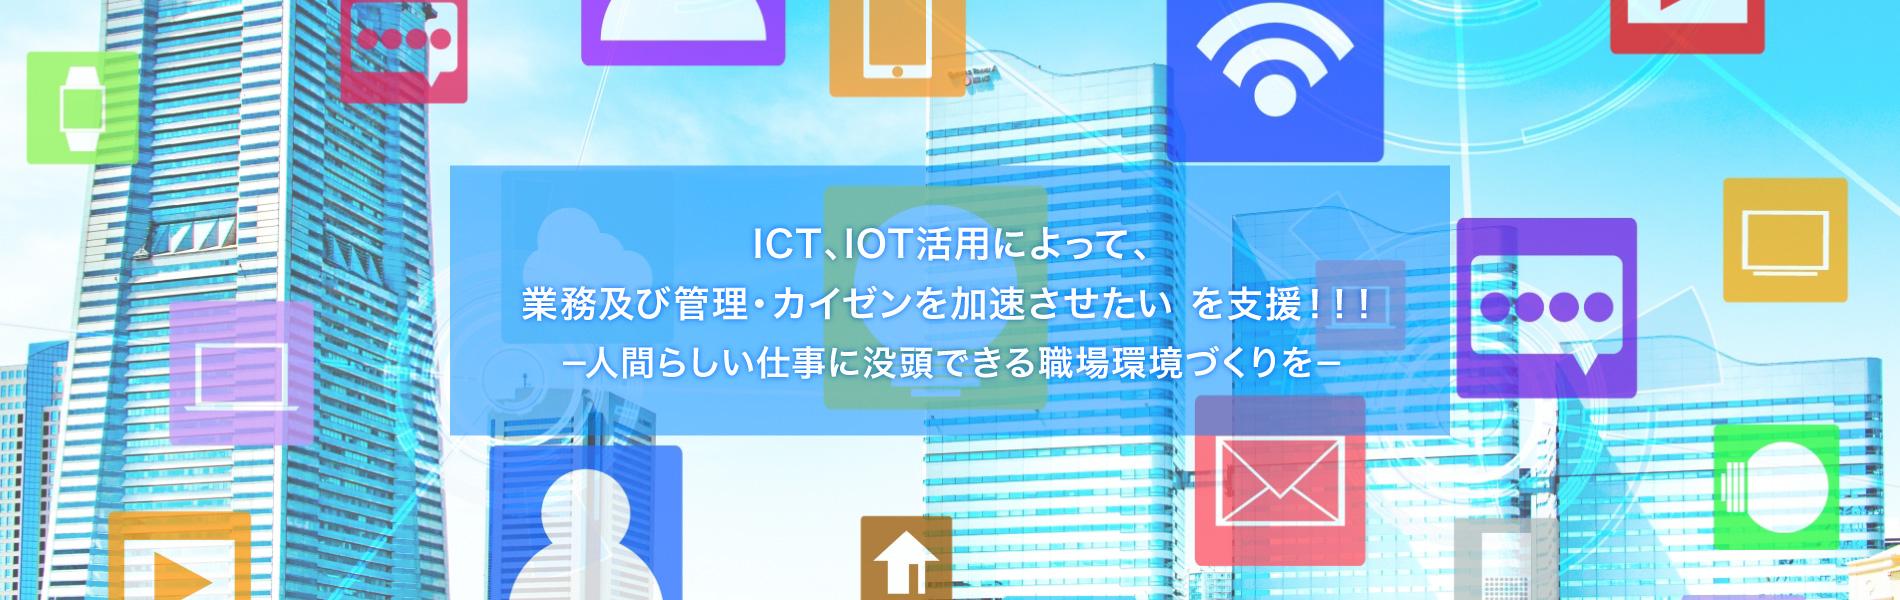 ICT、IOT活用によって、業務及び管理・カイゼンを加速させたいを支援!!人間らしい仕事に没頭できる職場環境づくり